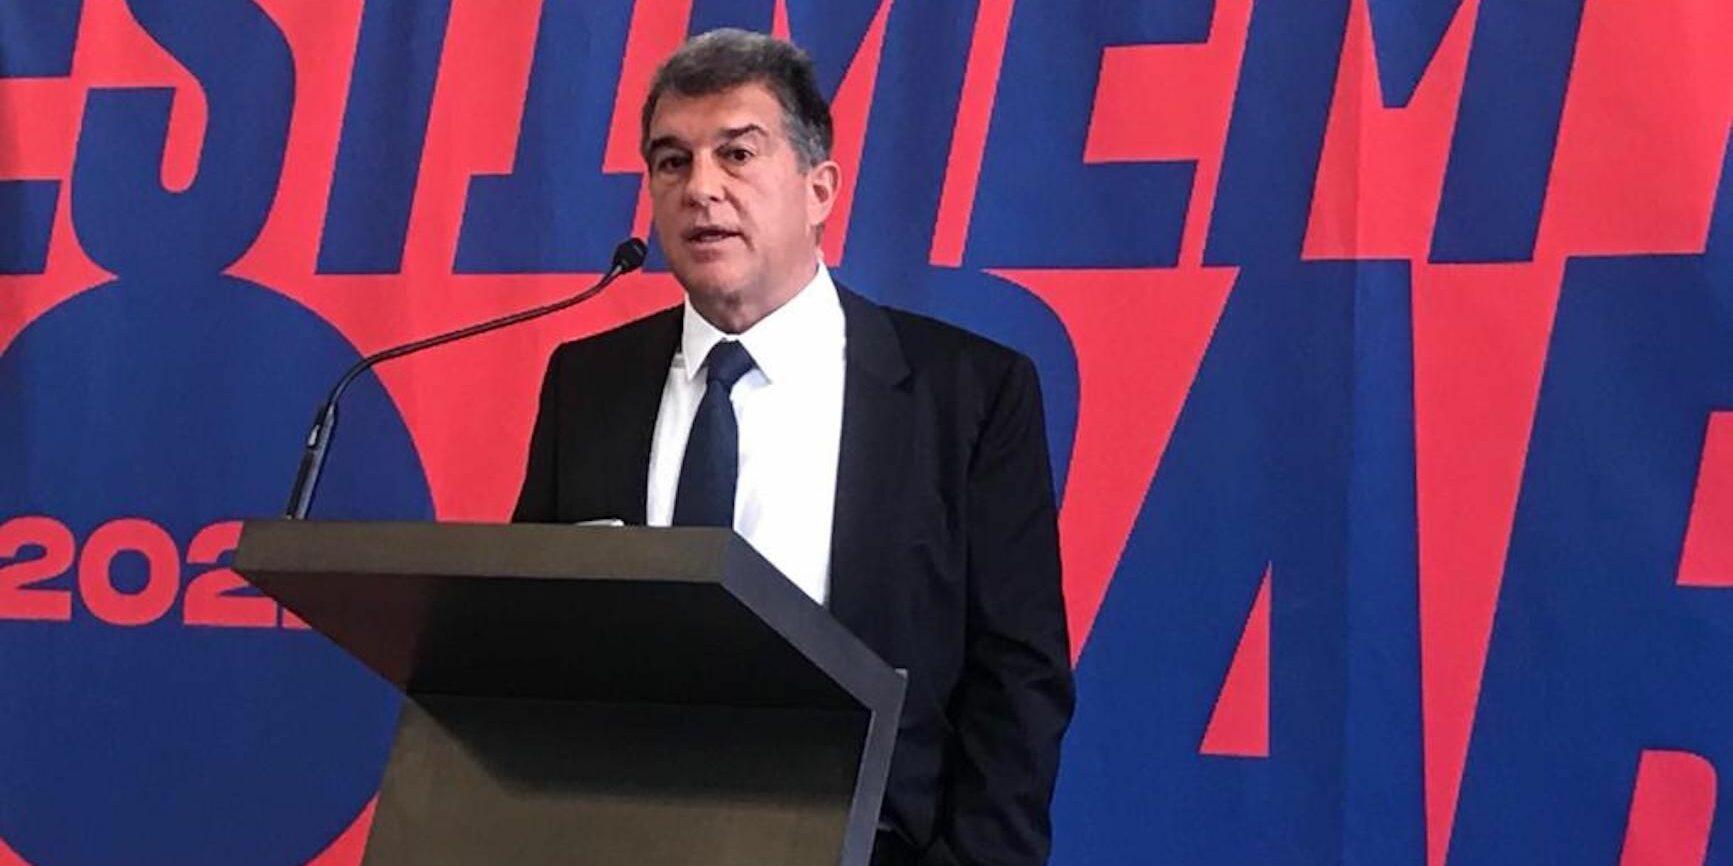 Joan Laporta, precandidat a les eleccions del Barça | Salvador Cot